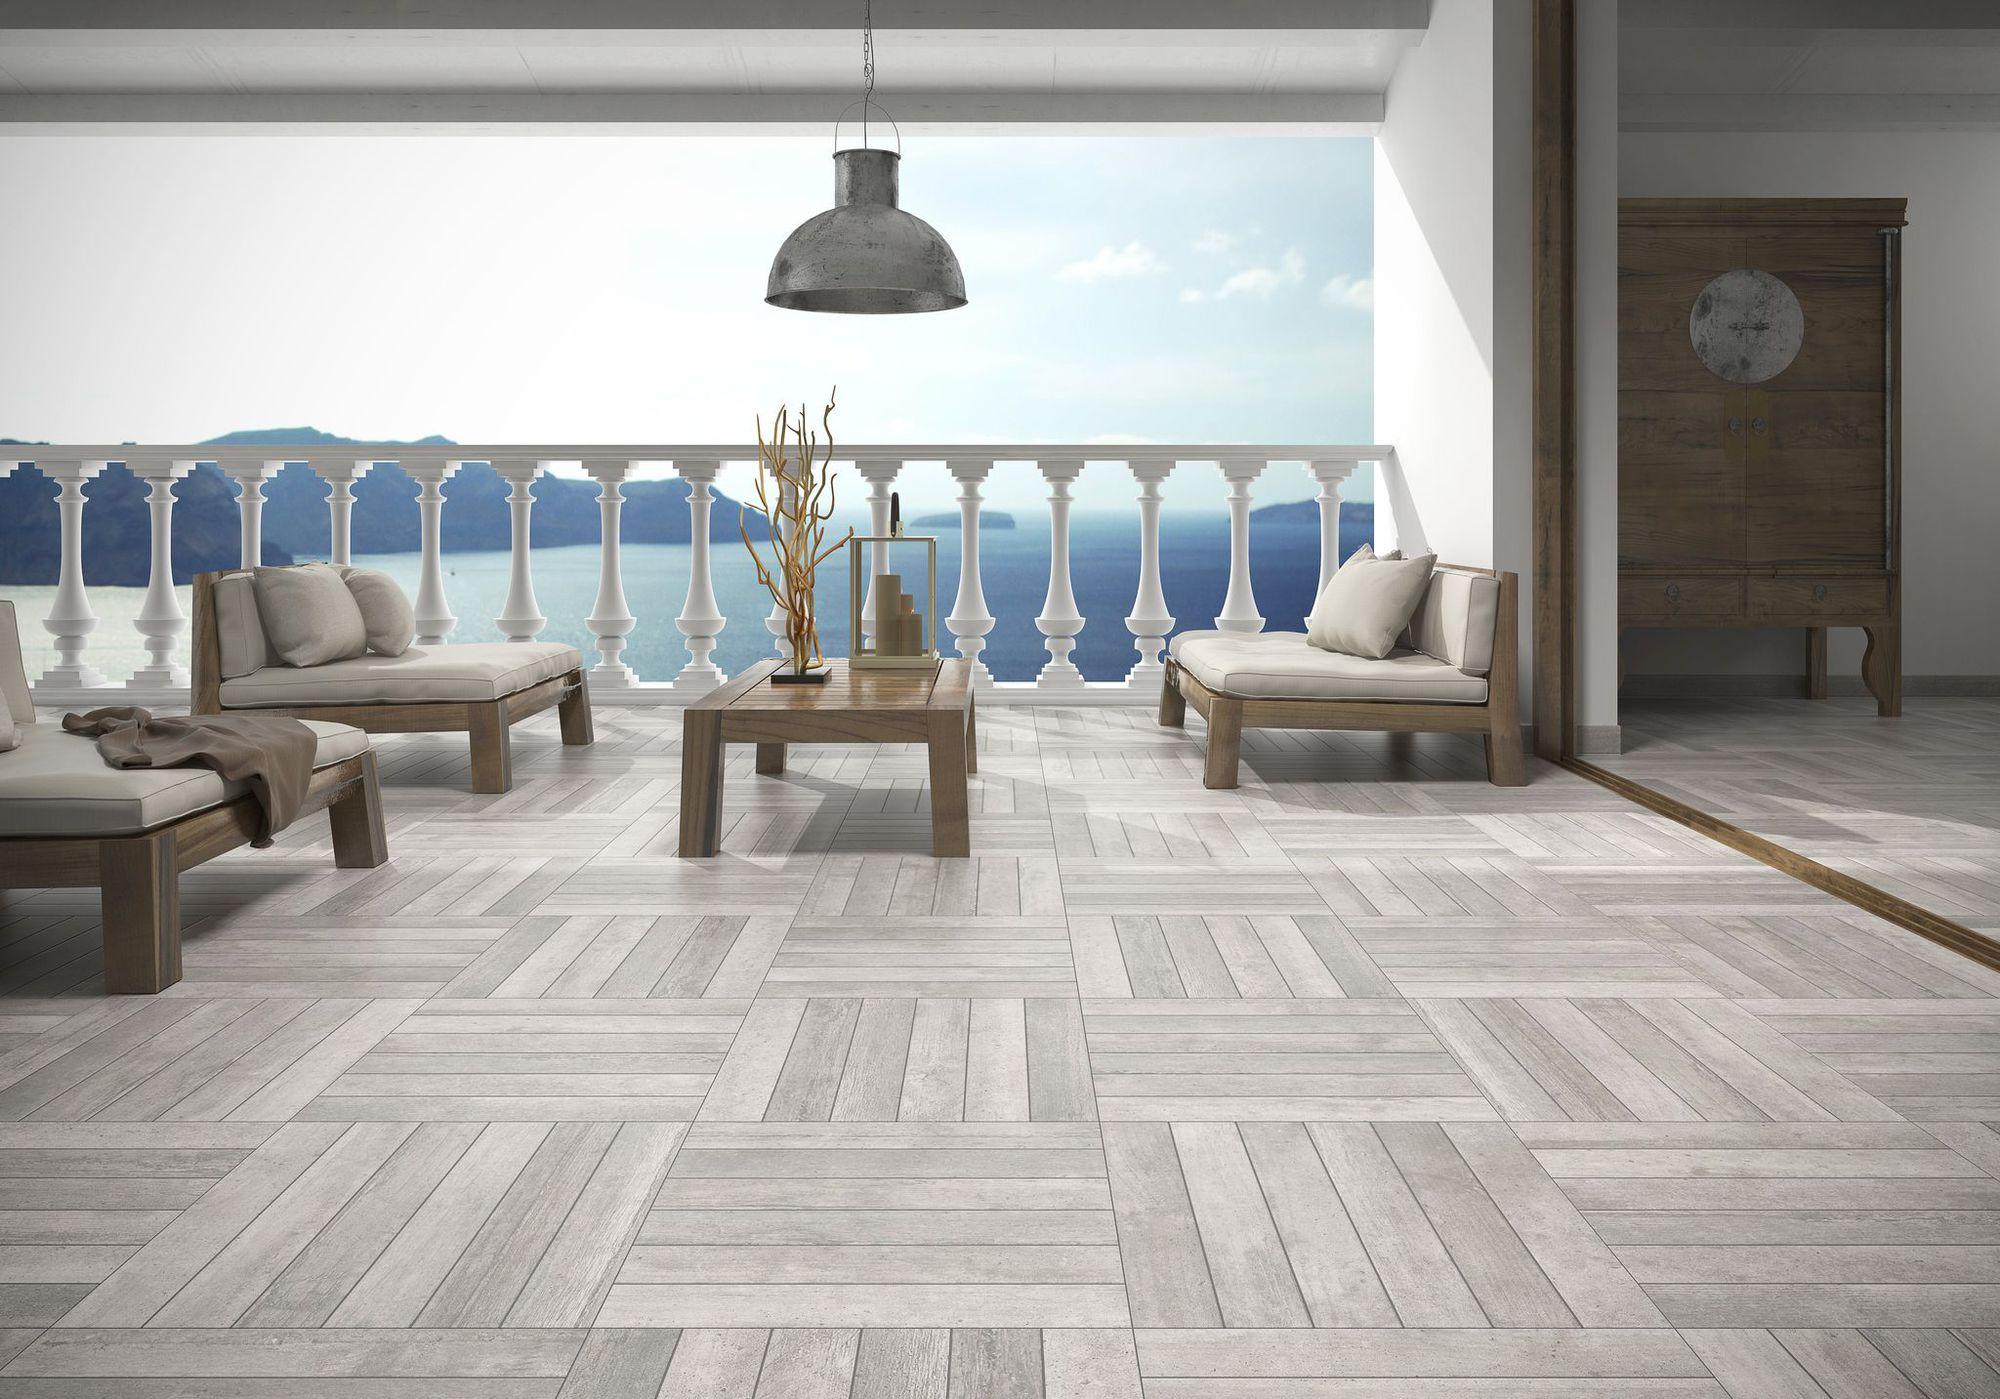 terrasse-12-idees-pour-un-nouveau-sol_5504573